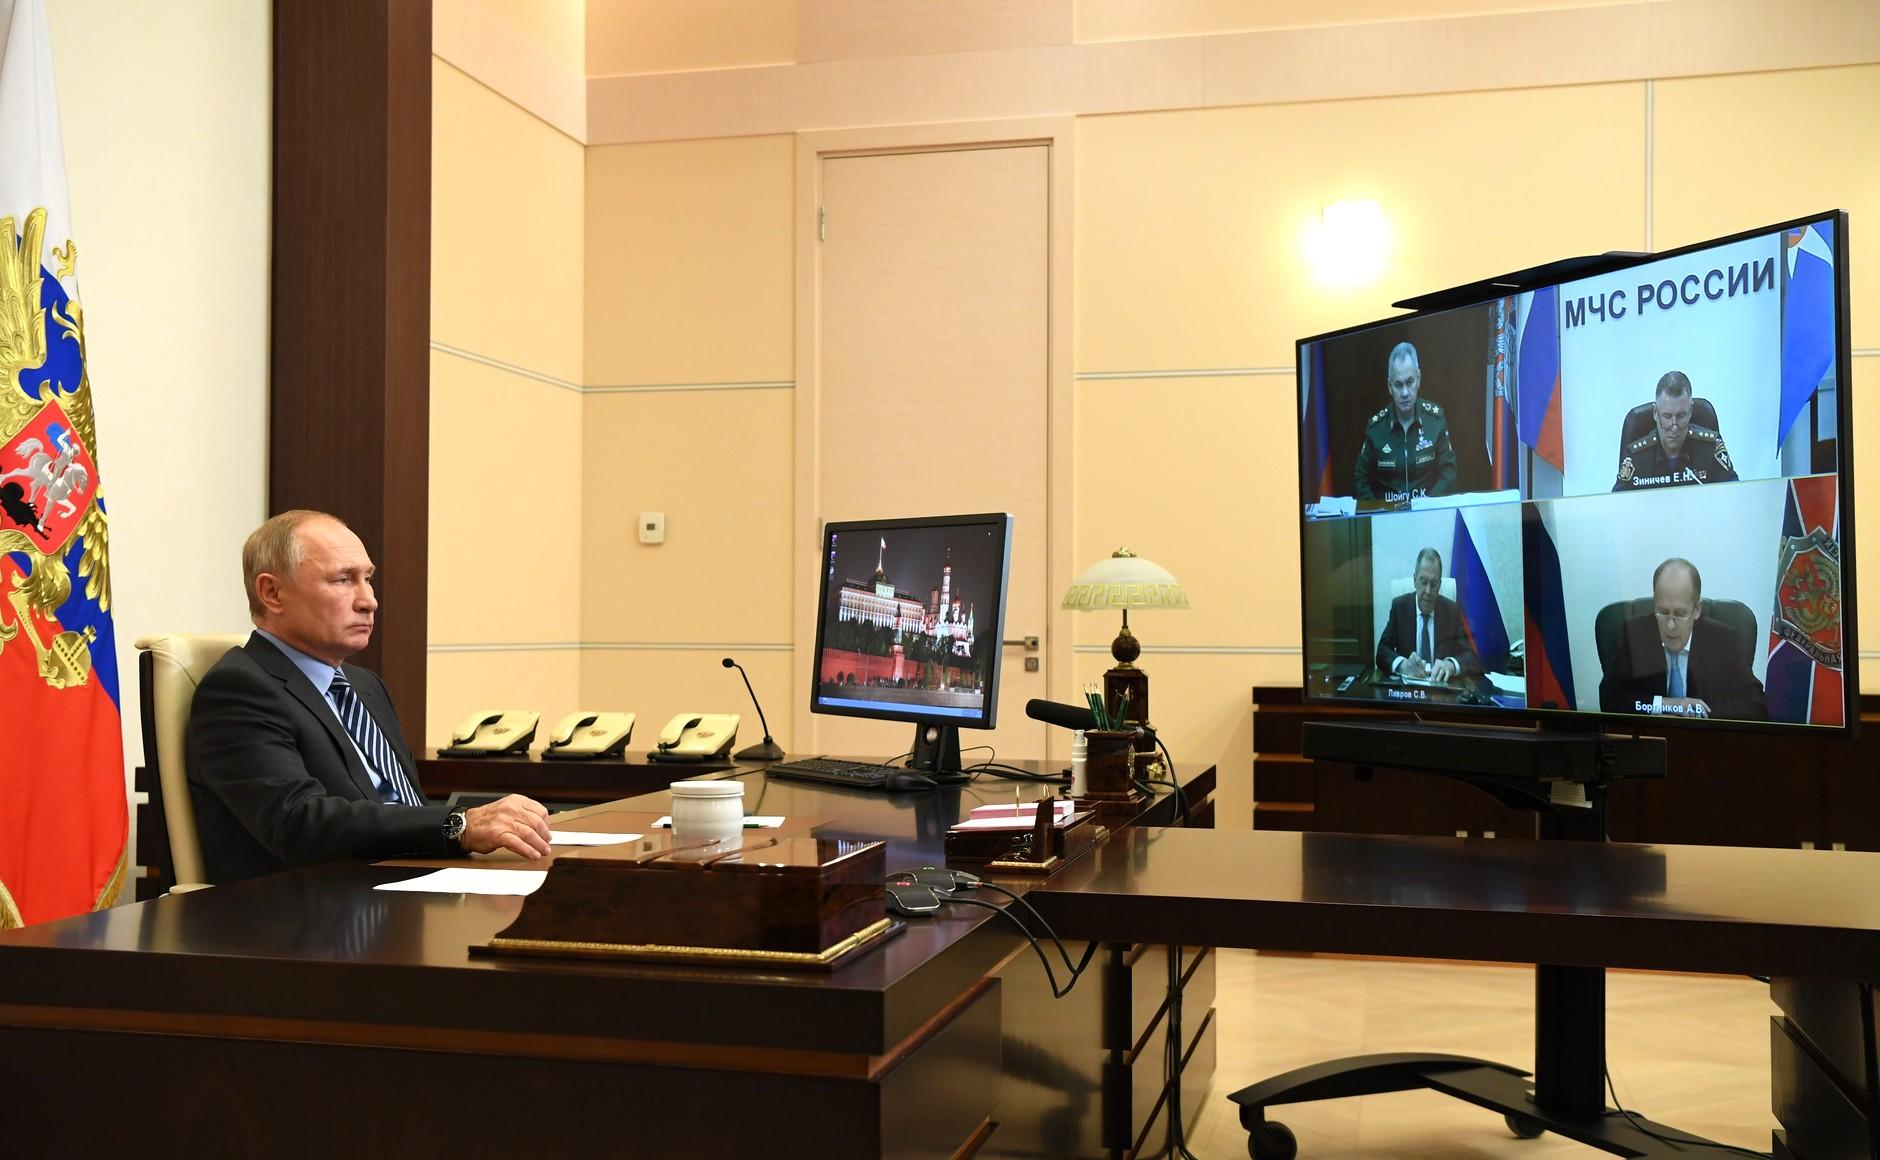 KREMLIN H.K. PH 3 SUR 3 DU 13.11.2020. Réunion sur la résolution des problèmes humanitaires au Haut-Karabakh - 13.11.2020